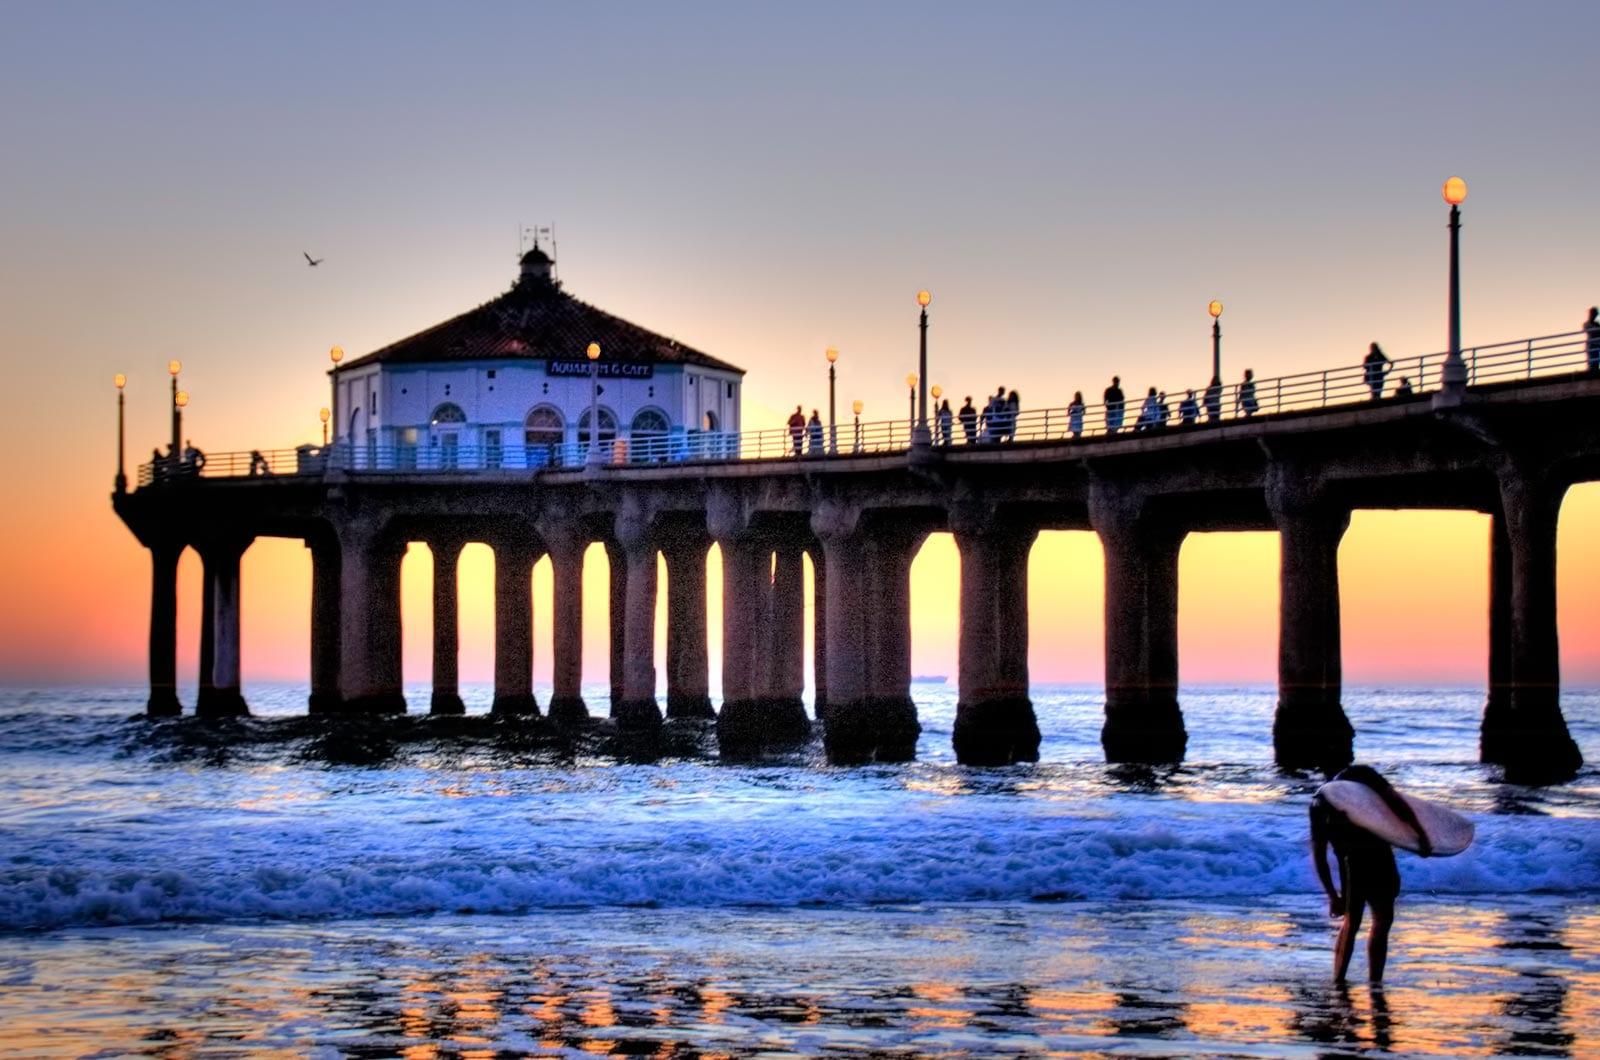 Manhattan-Beach-Featured-Image   Manhattan Beach Virtual Tour Photographer   Manhattan Beach HDR Real Estate Photography Services